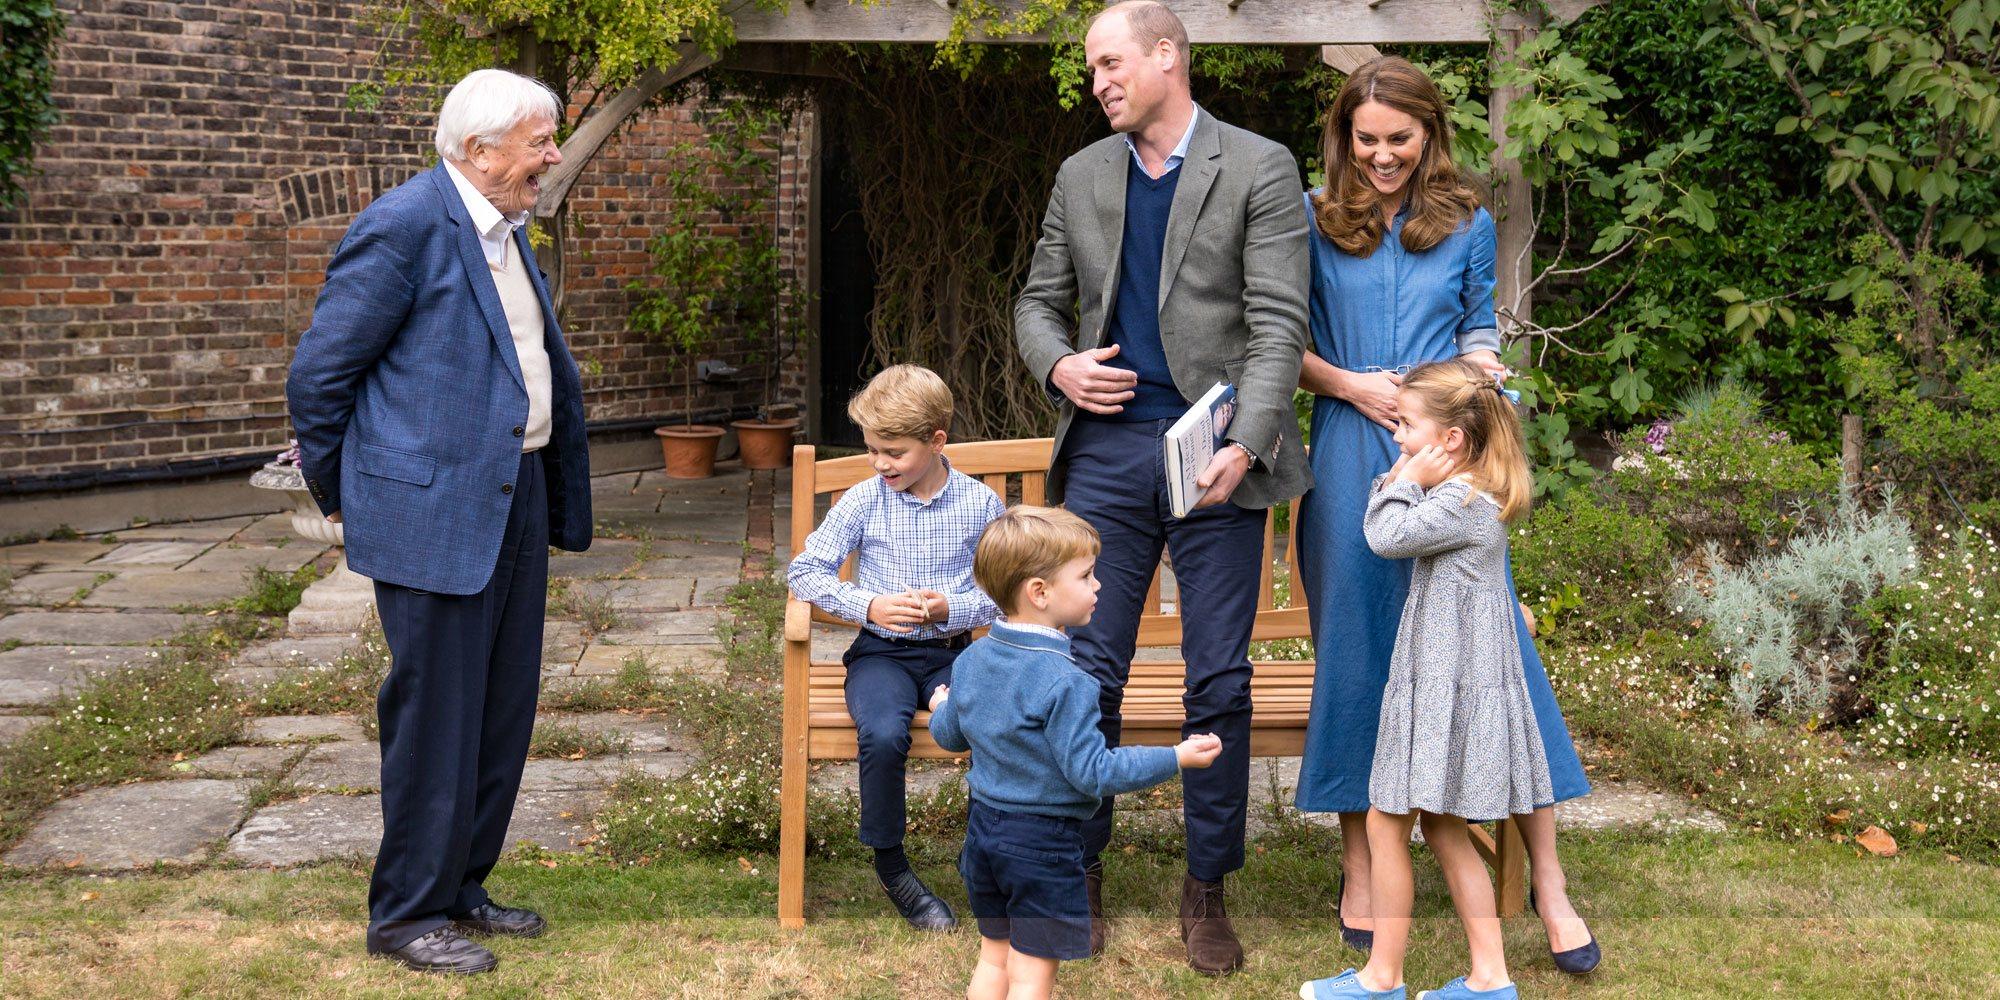 El Príncipe Jorge, la Princesa Carlota y el Príncipe Luis, emocionados con la visita y el regalo de David Attenborough